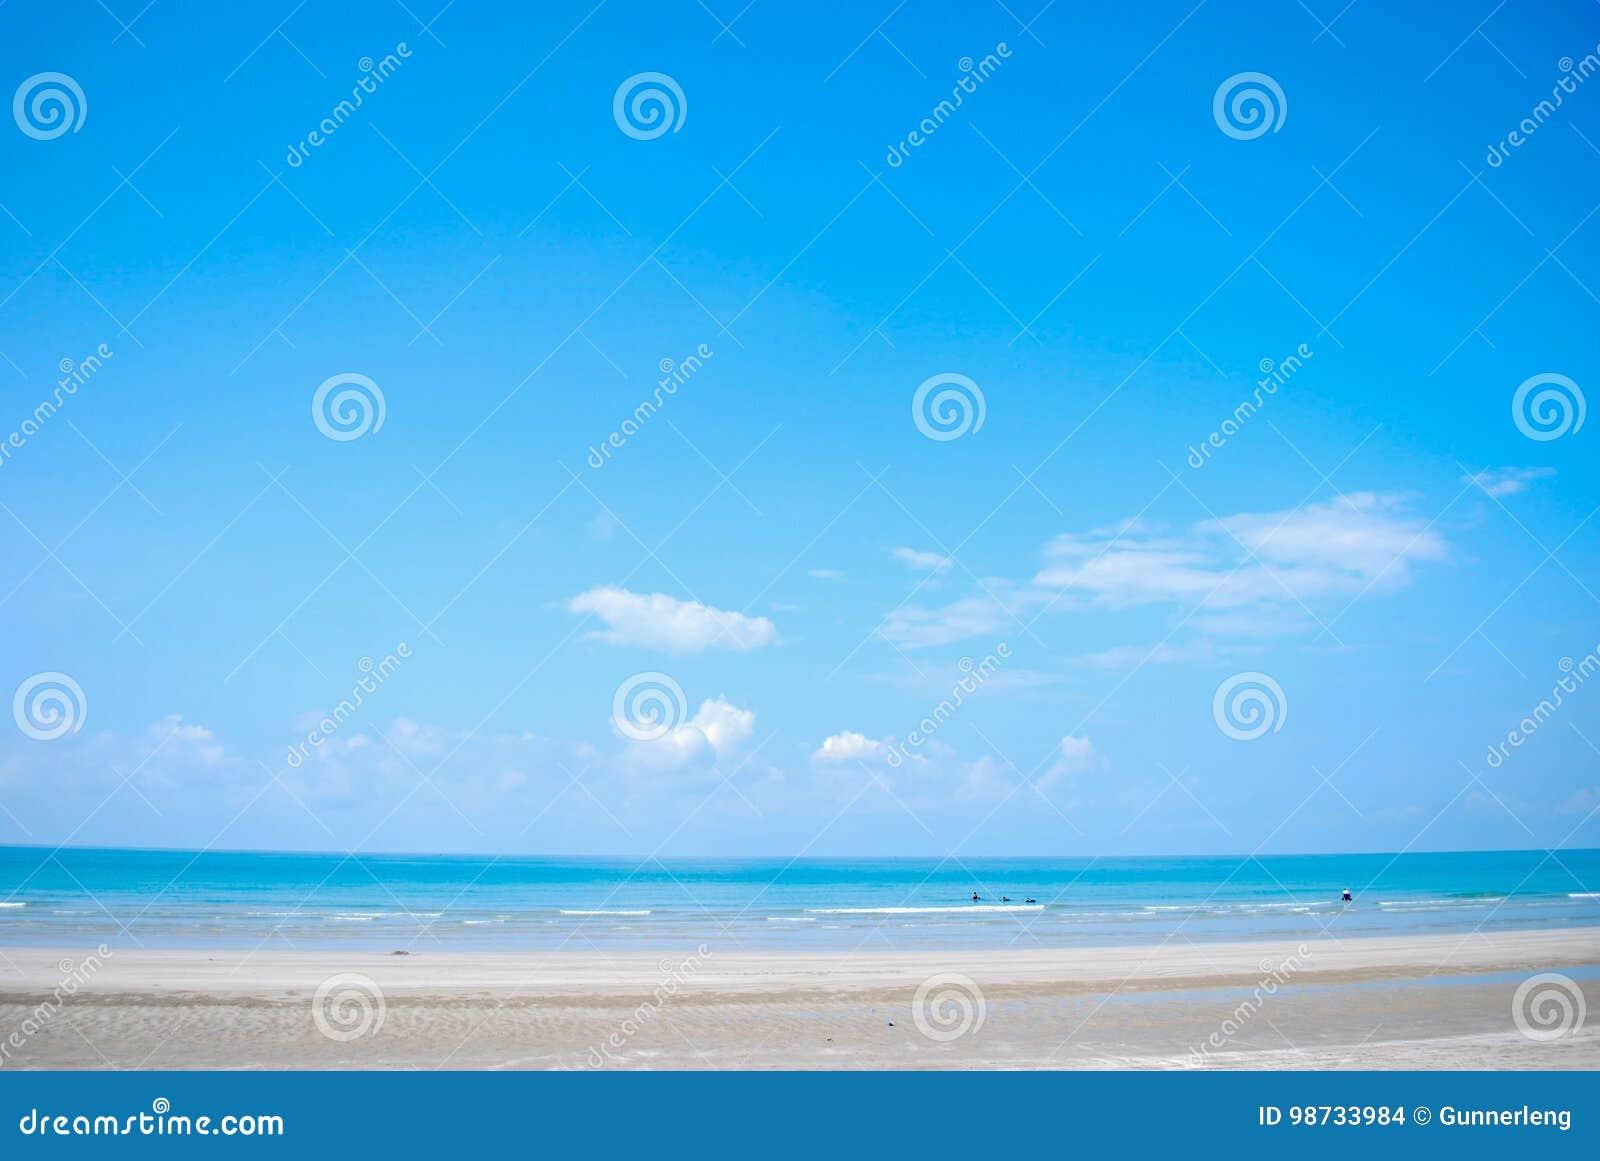 Bakgrund för strand och för blå himmel